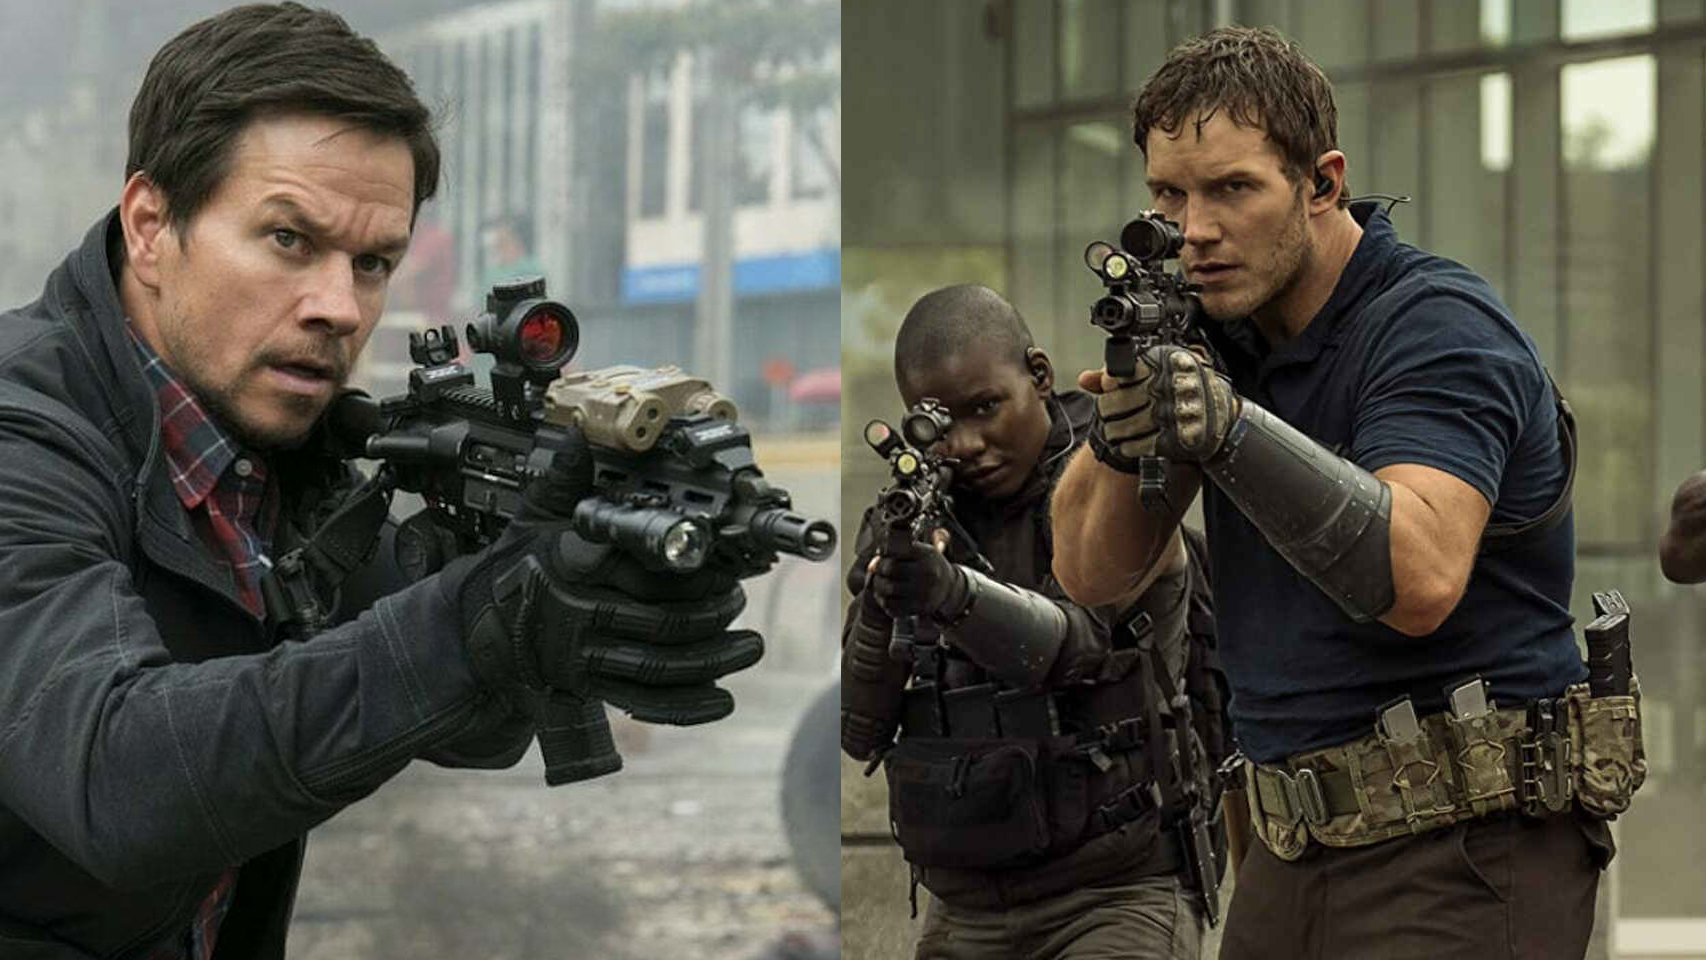 Pratt vs Wahlberg Streaming War